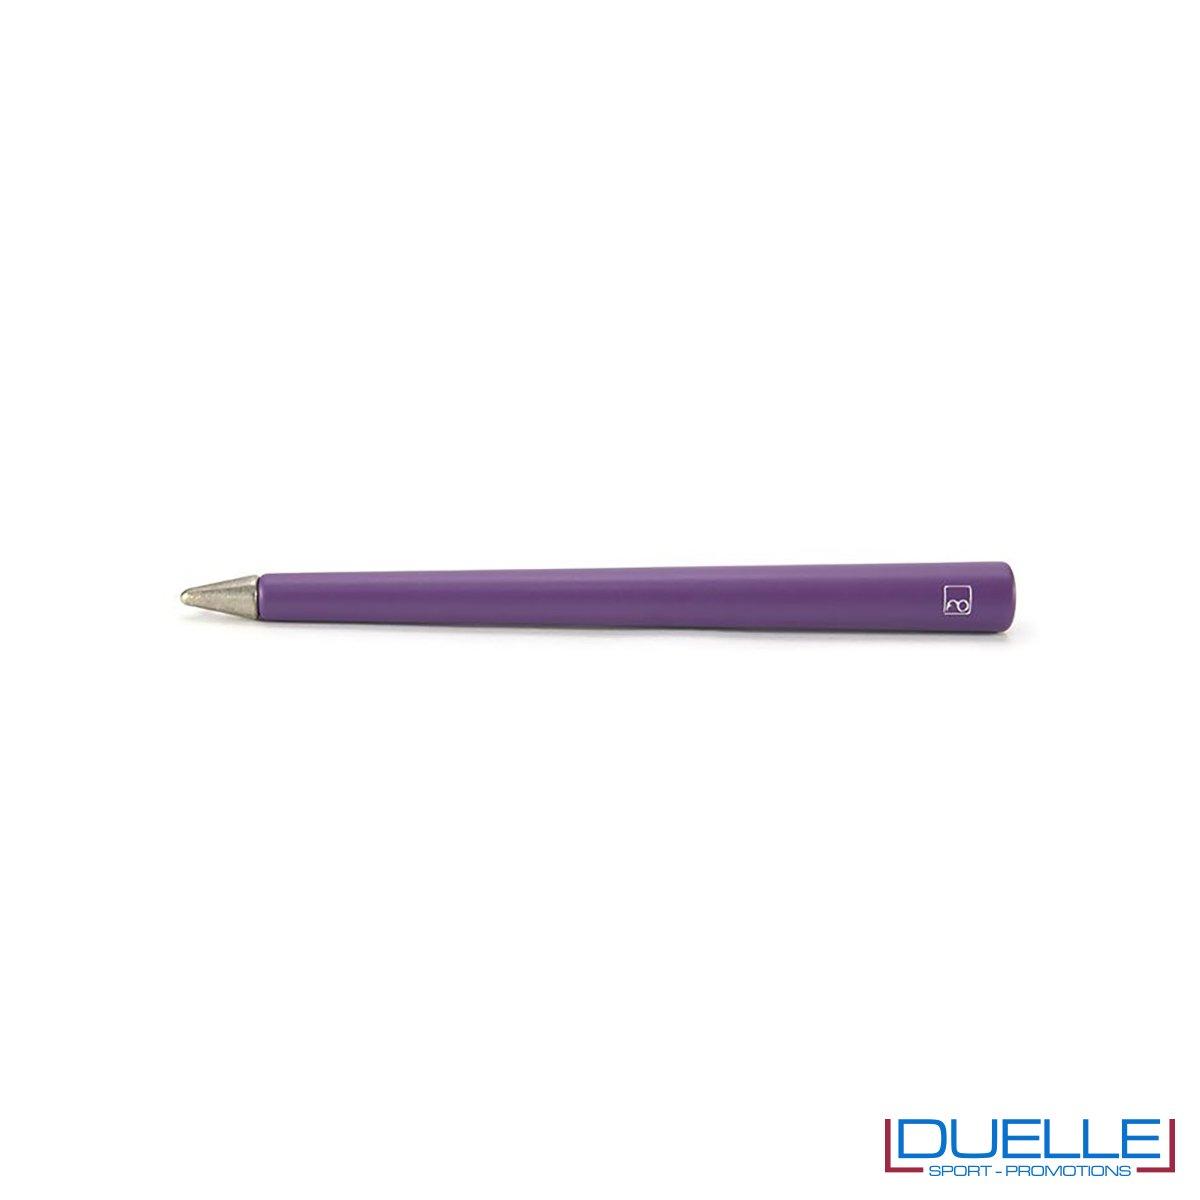 matita infinita personalizzata primina in colore viola, regali aziendali personalizzabili viola